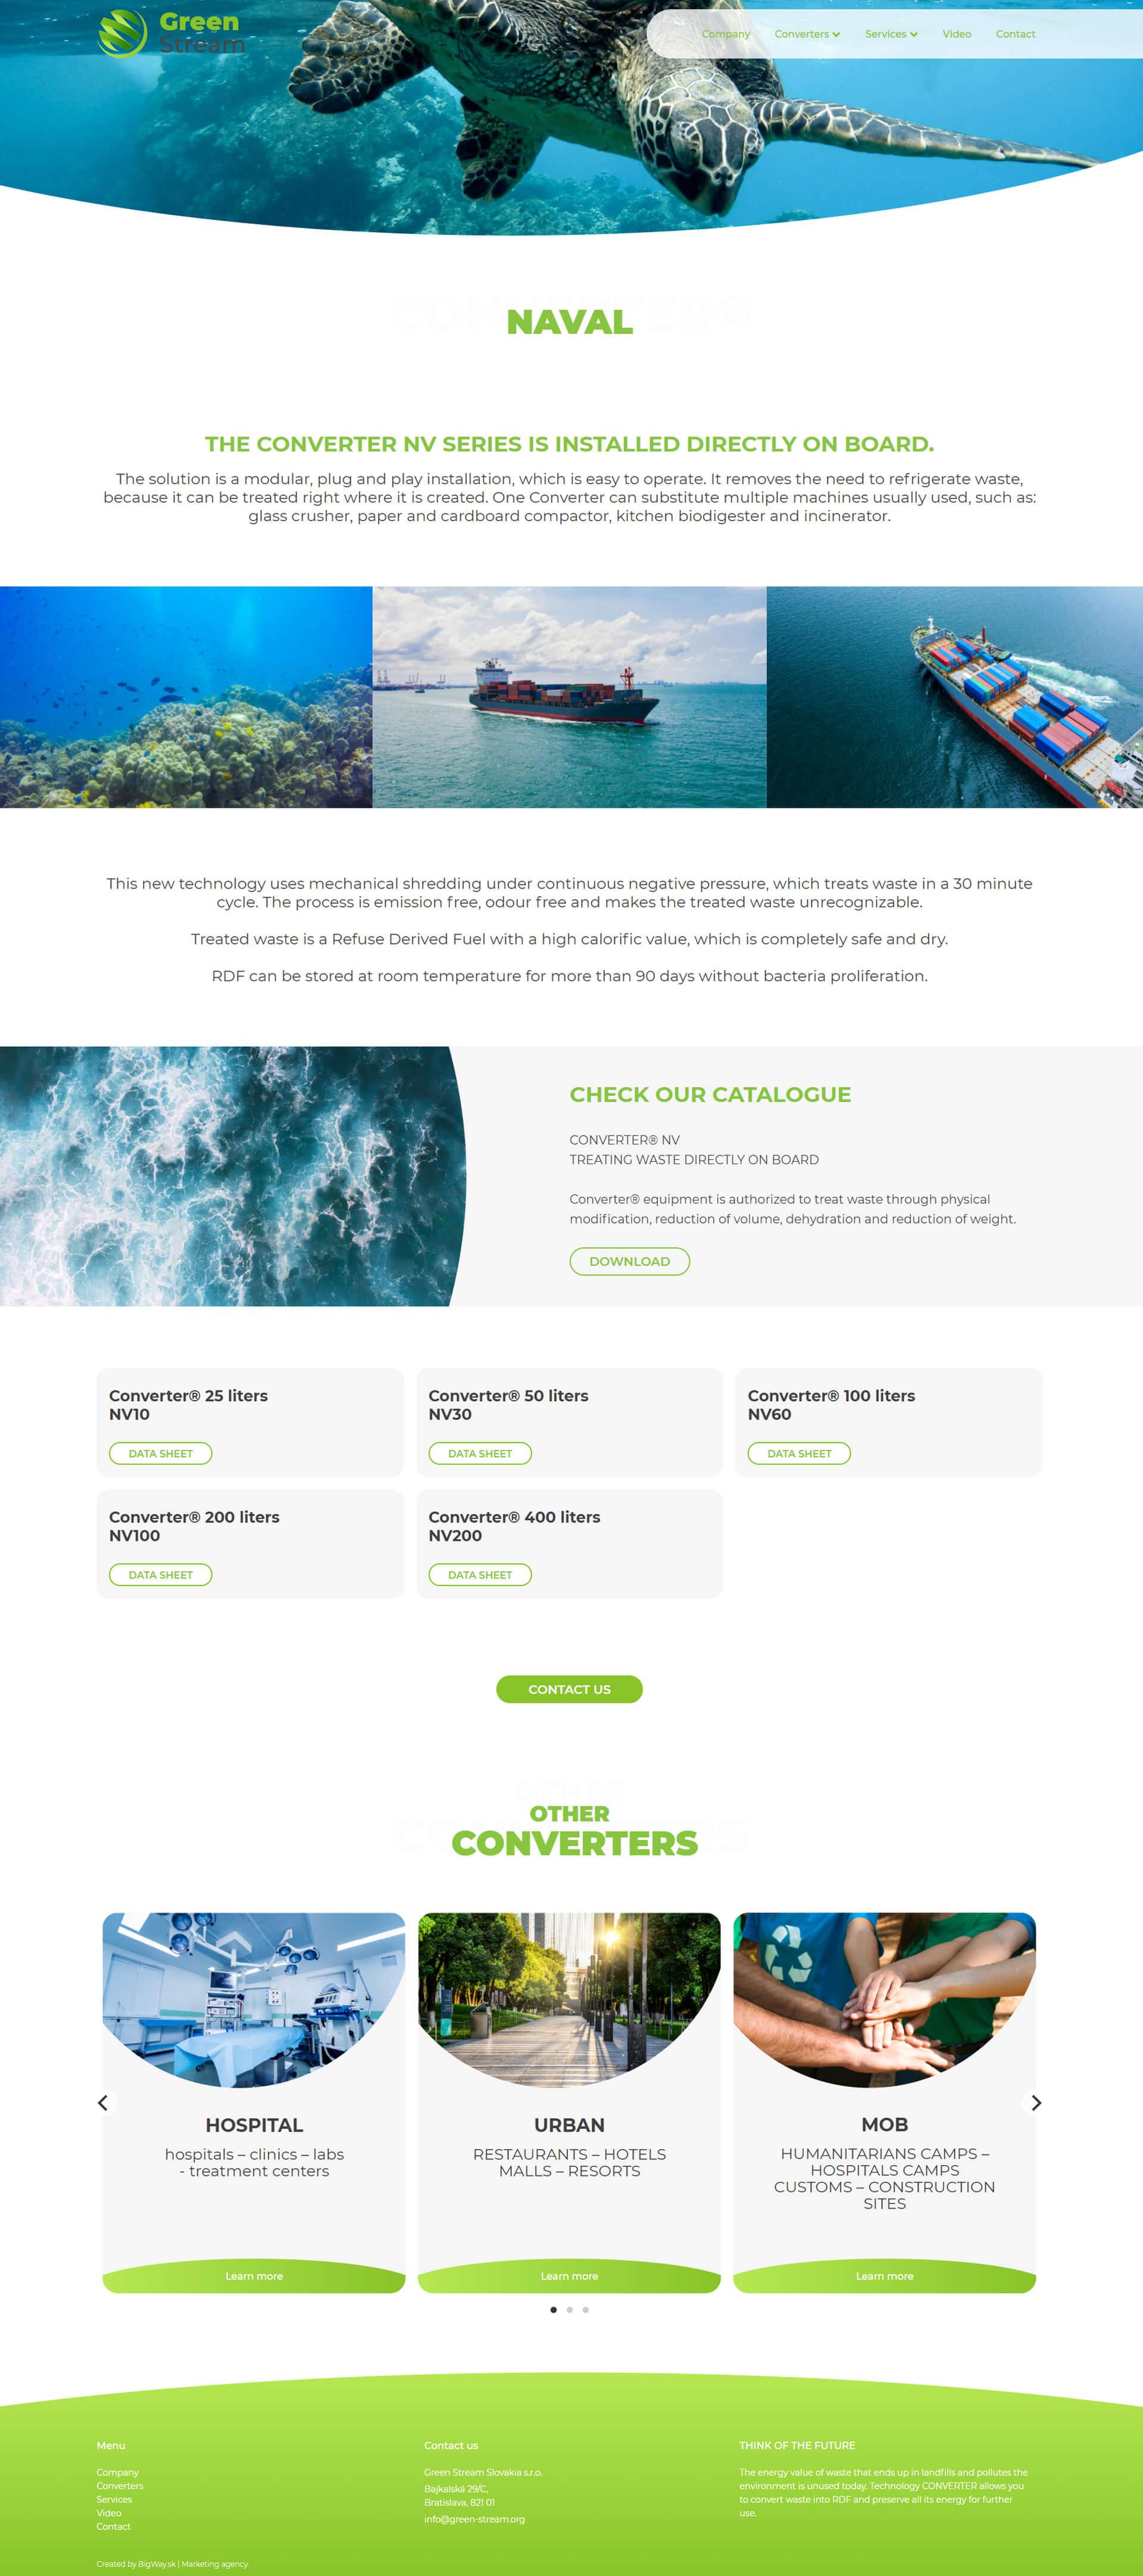 Tvorba webu pre značku, ktorá spracuváva odpad